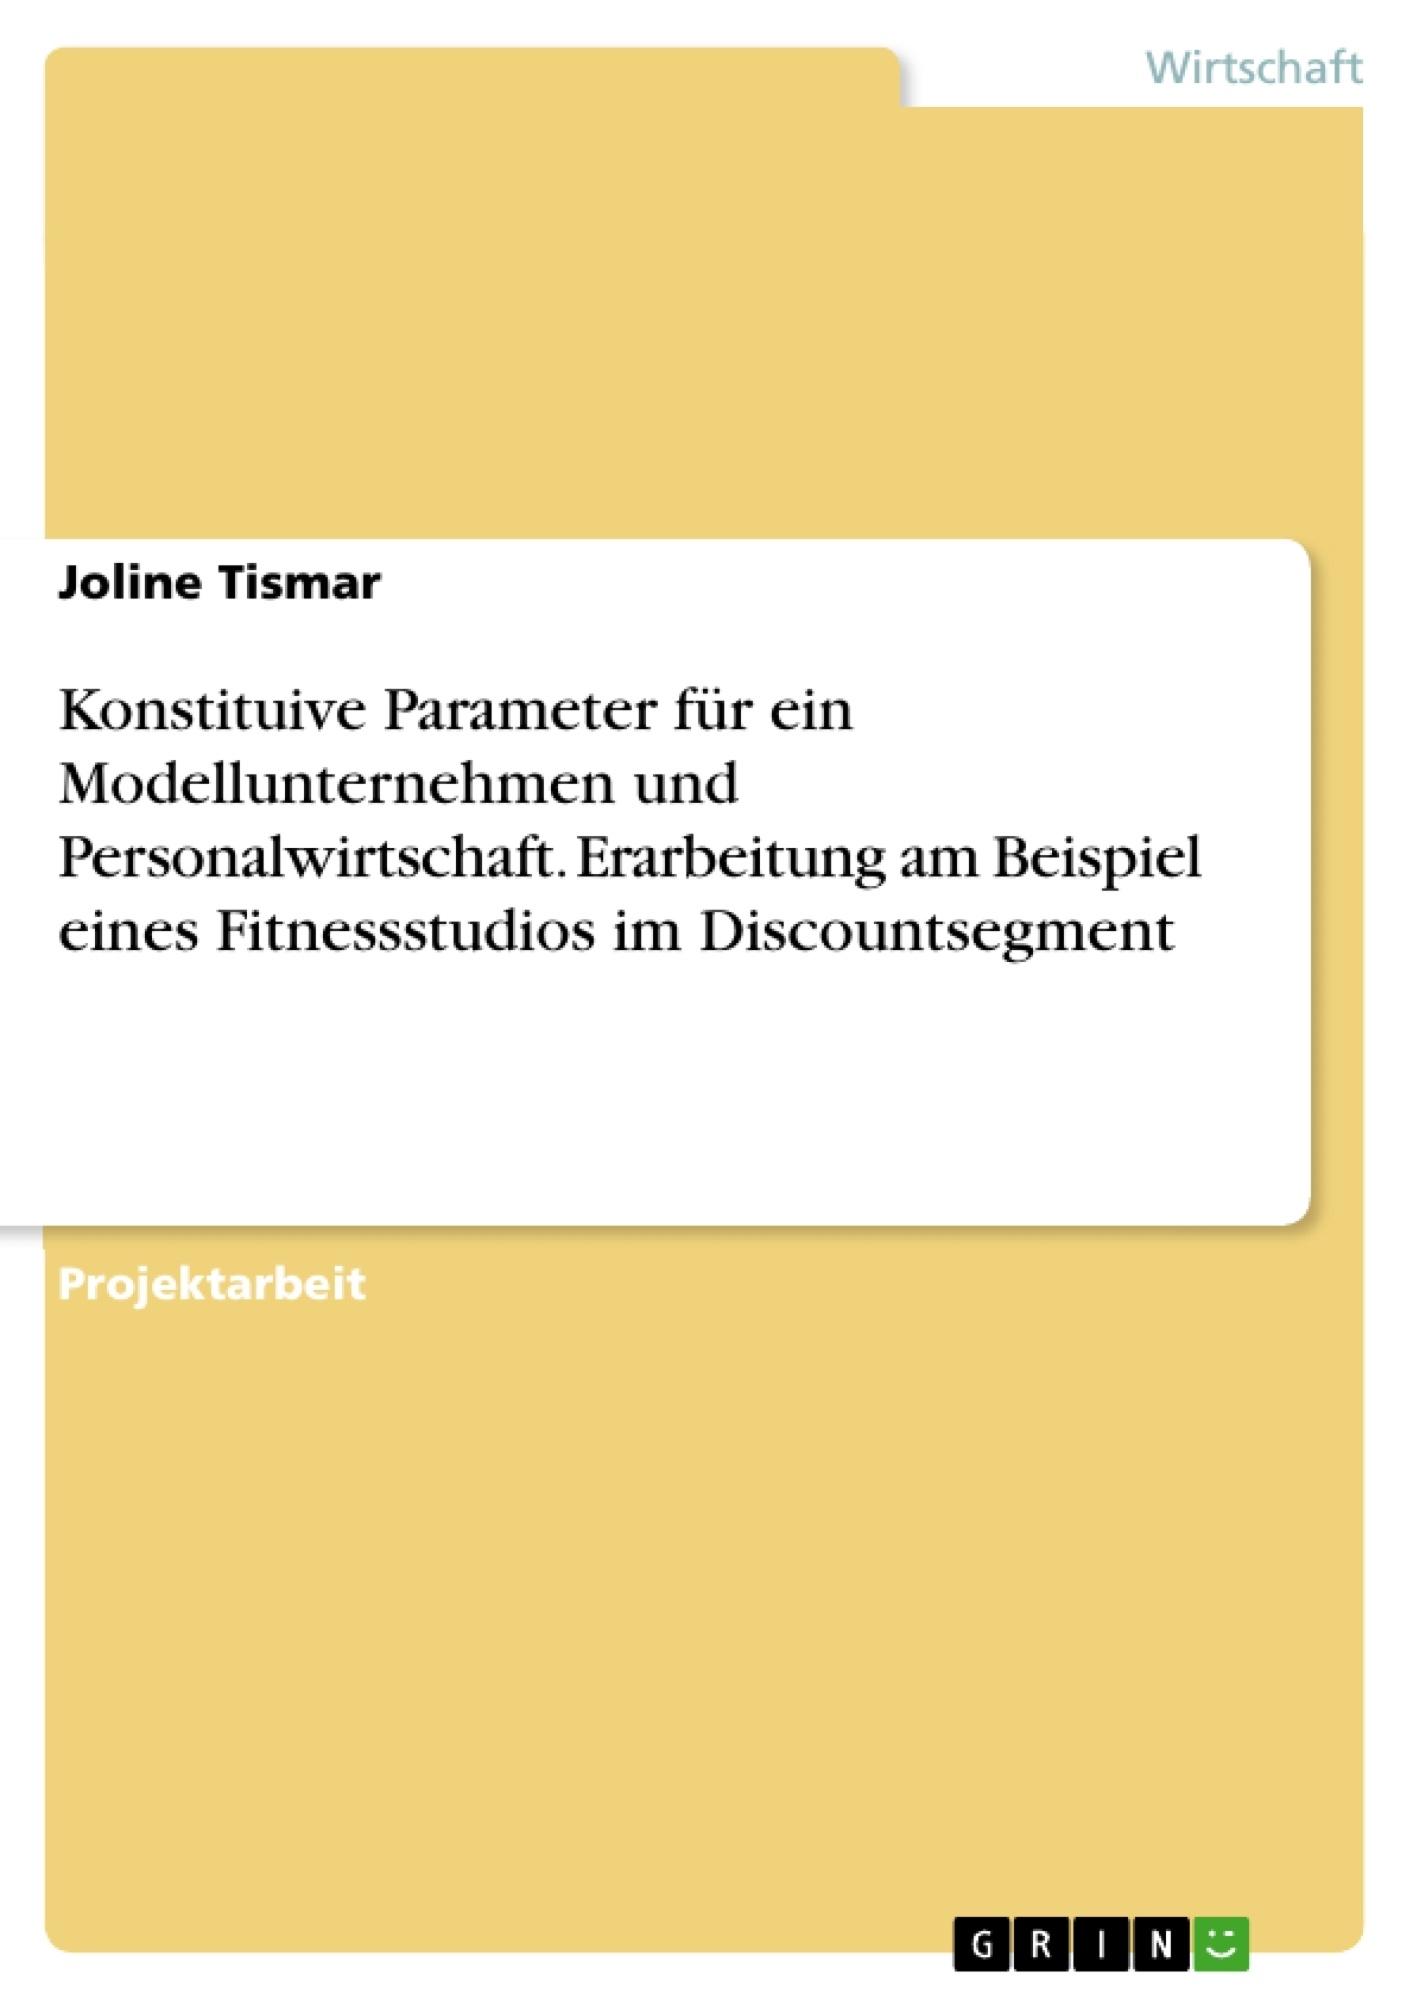 Titel: Konstituive Parameter für ein Modellunternehmen und Personalwirtschaft. Erarbeitung am Beispiel eines Fitnessstudios im Discountsegment